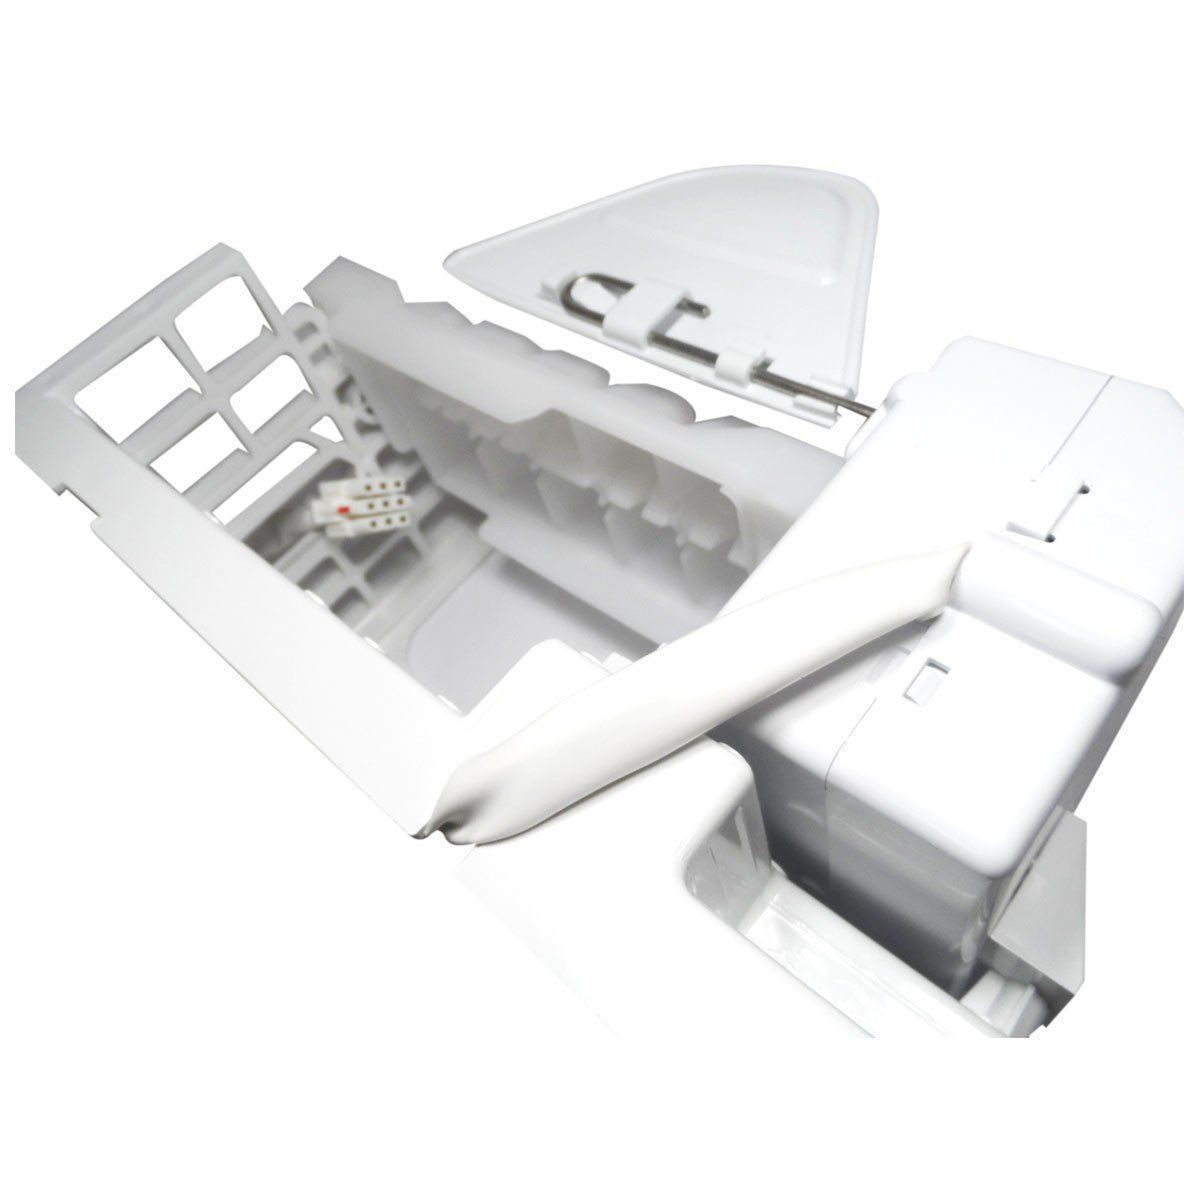 ICE MAKER REFRIGERADOR BRASTEMP 326059770